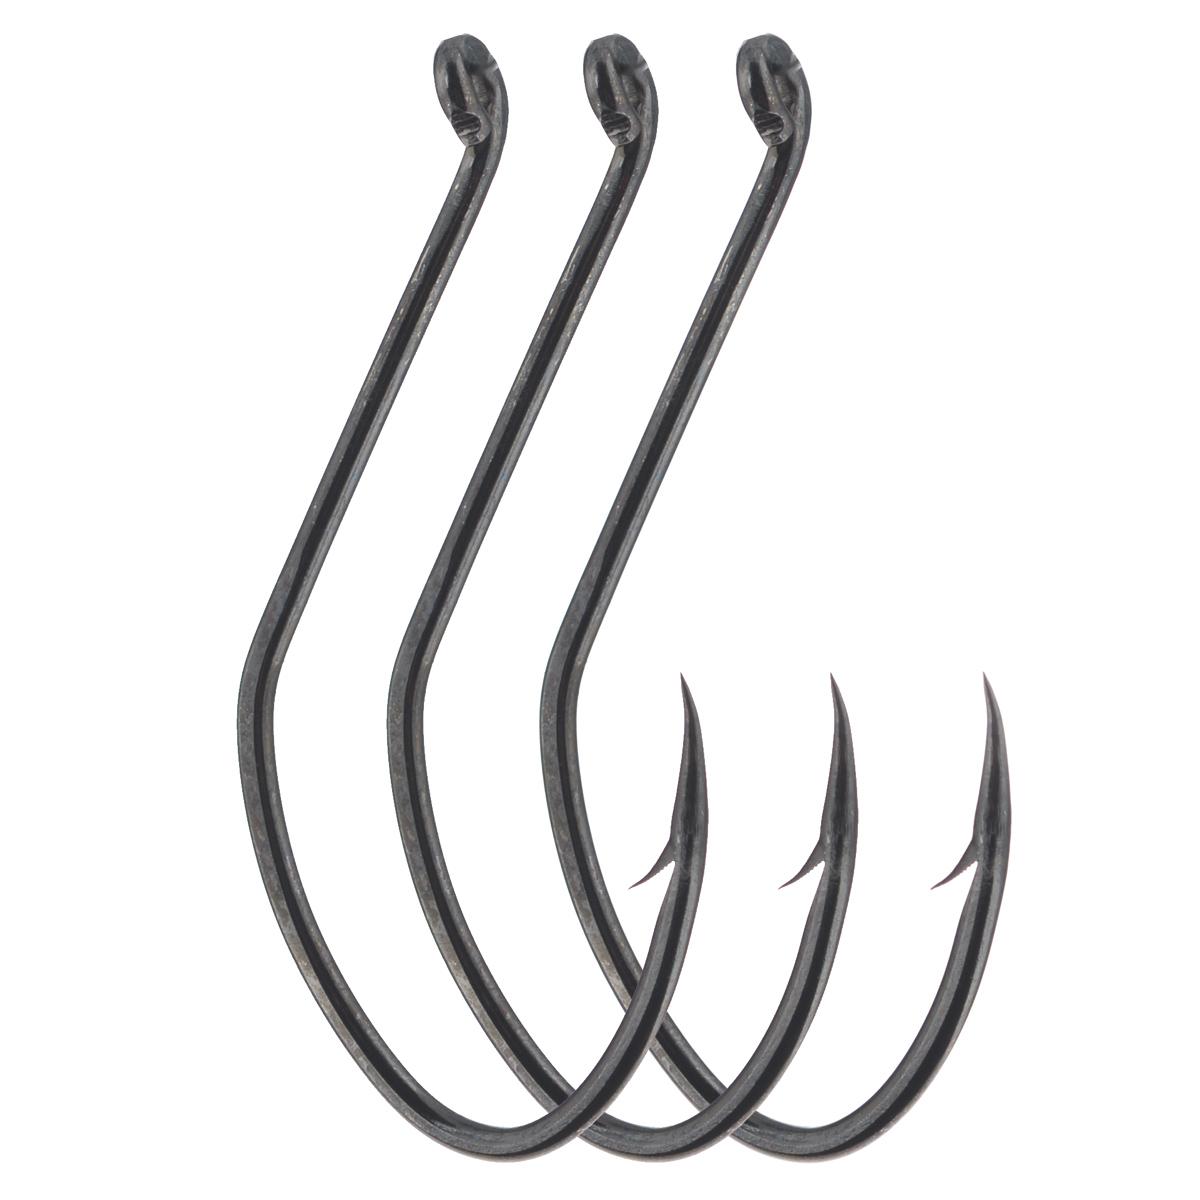 Крючки рыболовные Cobra Catfish, цвет: черный, размер 8/0, 3 штC1102NSB-K080Прочные крючки Cobra Catfish для ловли трофейной рыбы, прекрасно удерживает различные насадки. Данные крючки хорошо себя зарекомендовали при ловле на живую насадку - своим весом они не стесняют ее движений. Благодаря специальной заточке жала, крючок легко пробивает прочную хрящевую и костную ткань. Чуть отогнутое назад колечко позволяет привязывать крючок к леске различными способами.